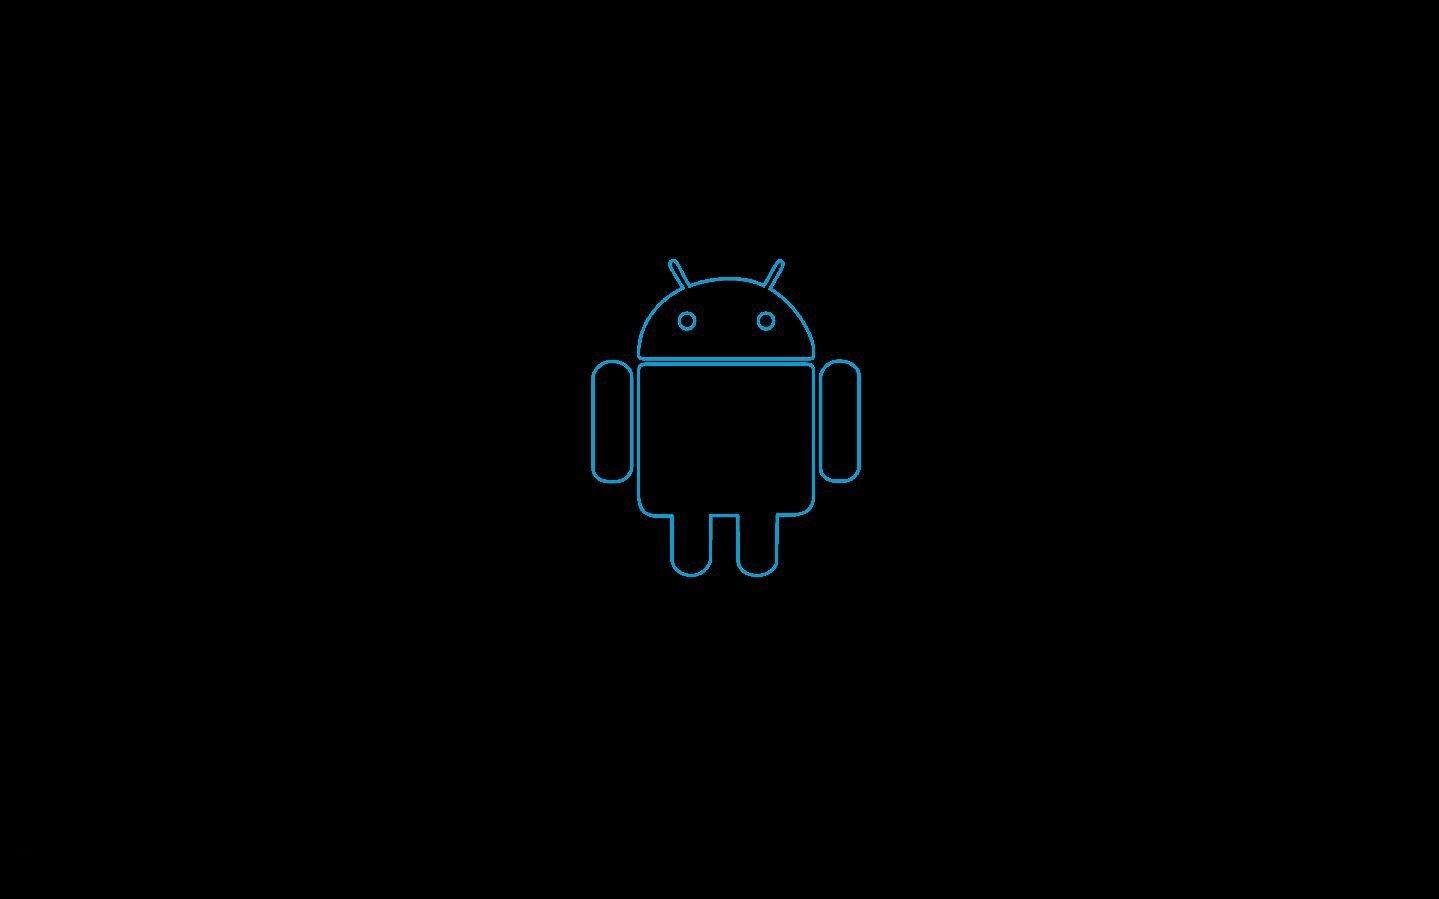 Скачать Черные Обои На Андроид